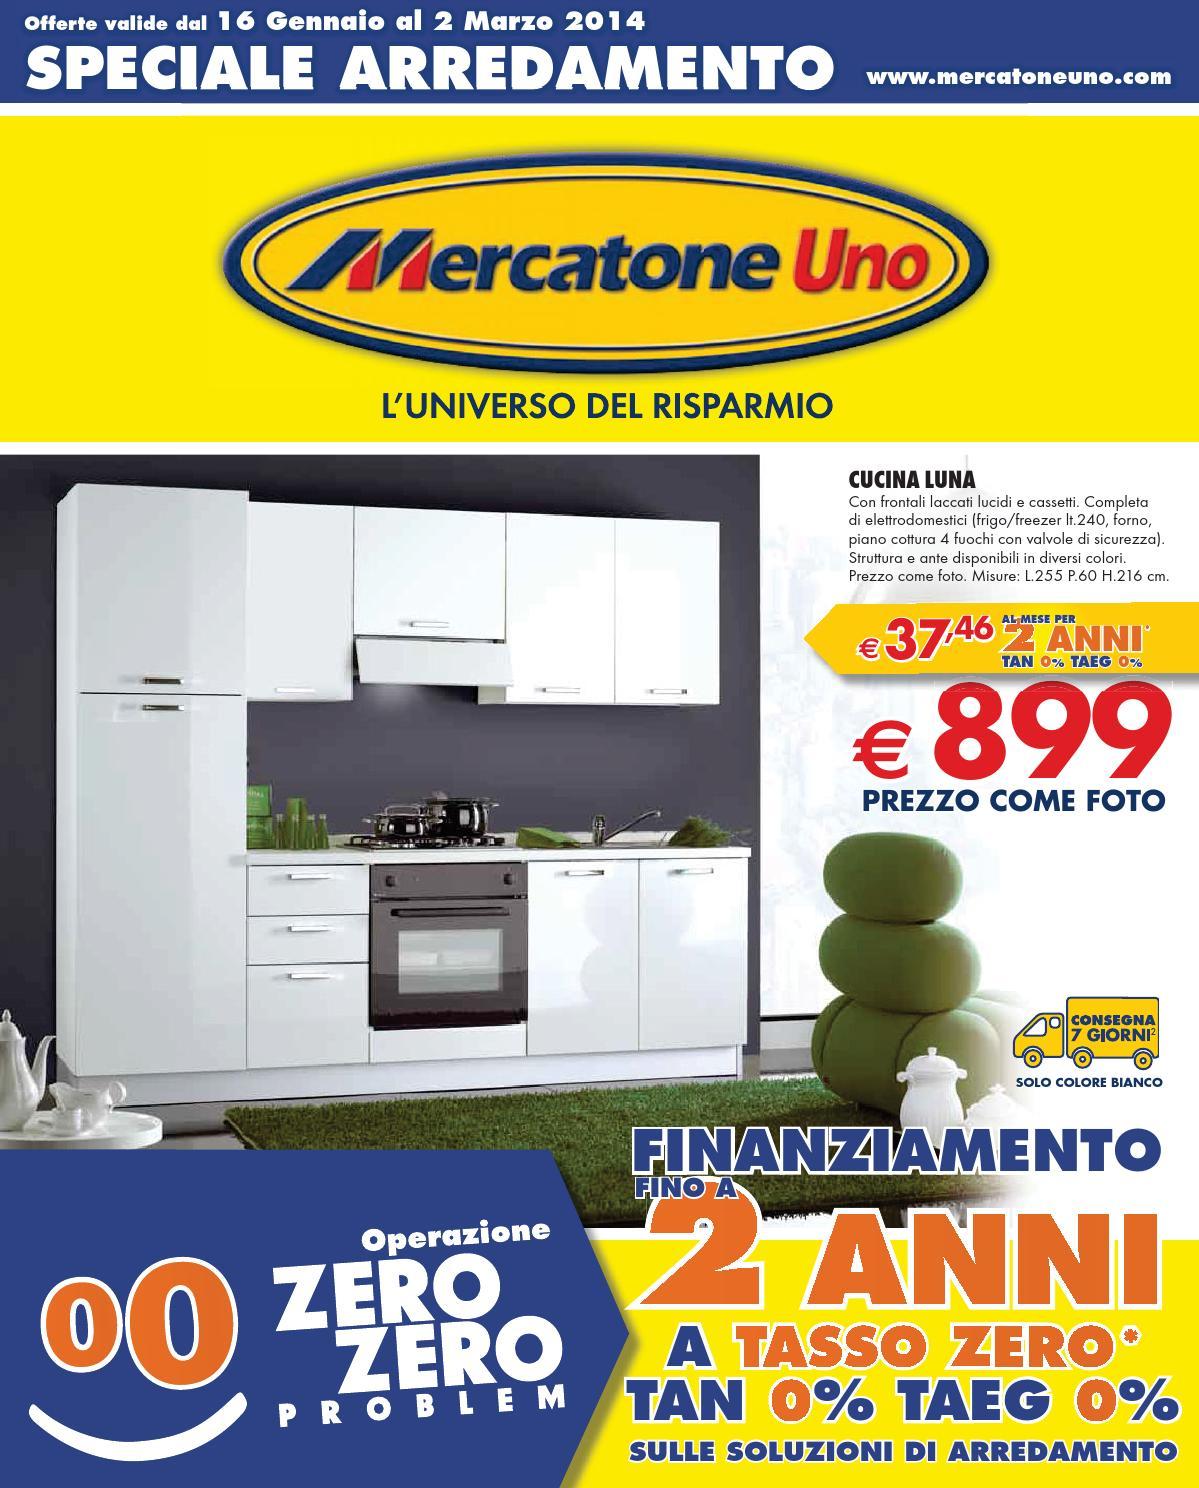 Mercatoneuno 2mar by volavolantino - issuu